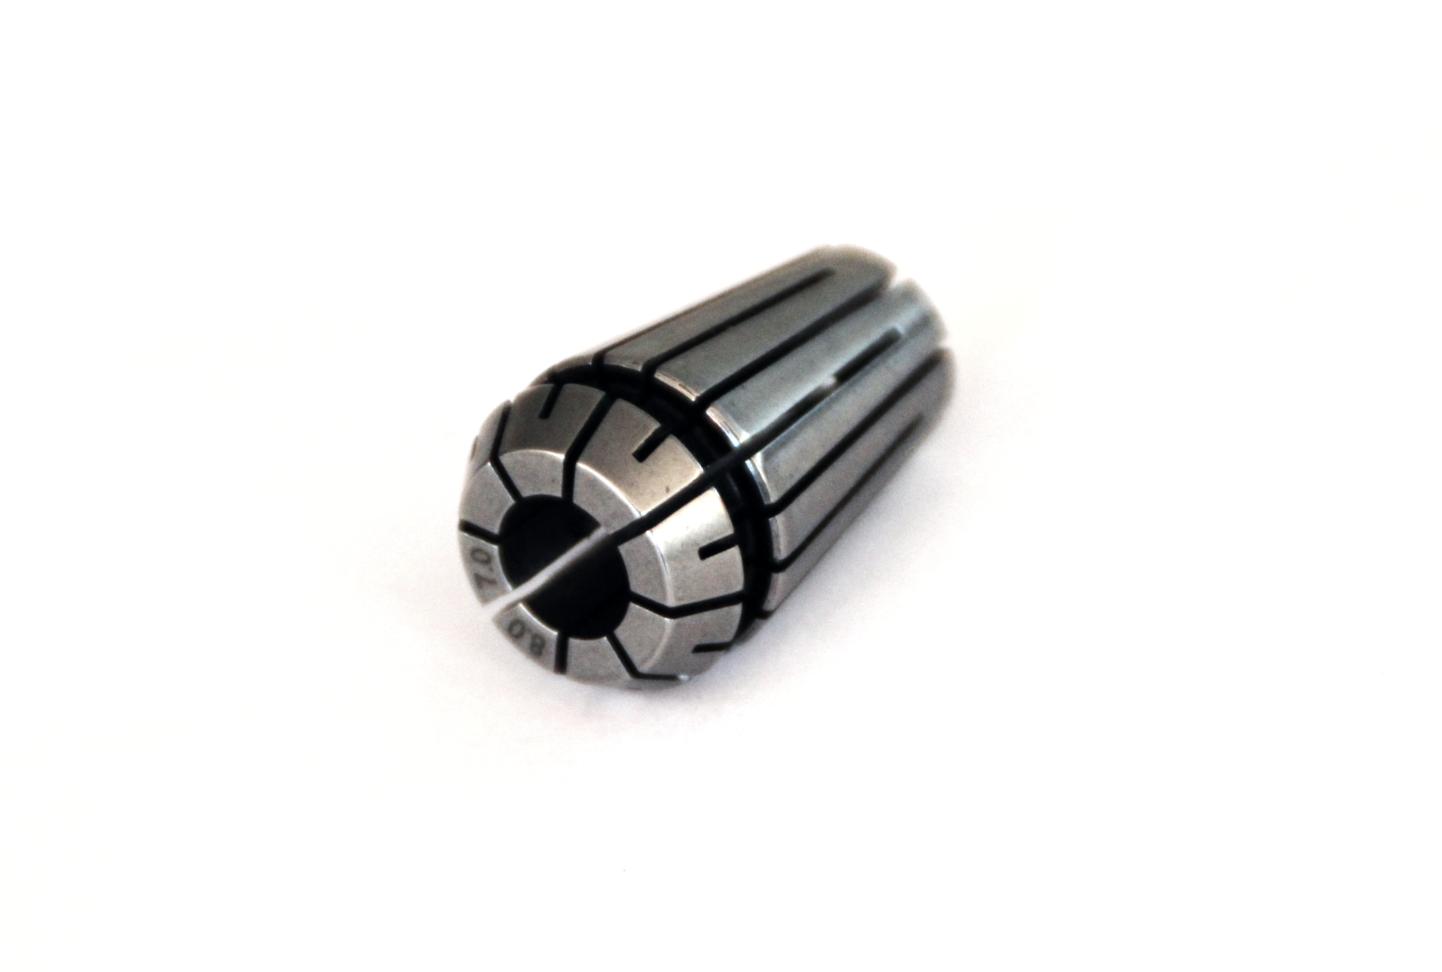 Spannzange ER8 4004E ISO 15488 B - verschiedene Durchmesser (A/B)